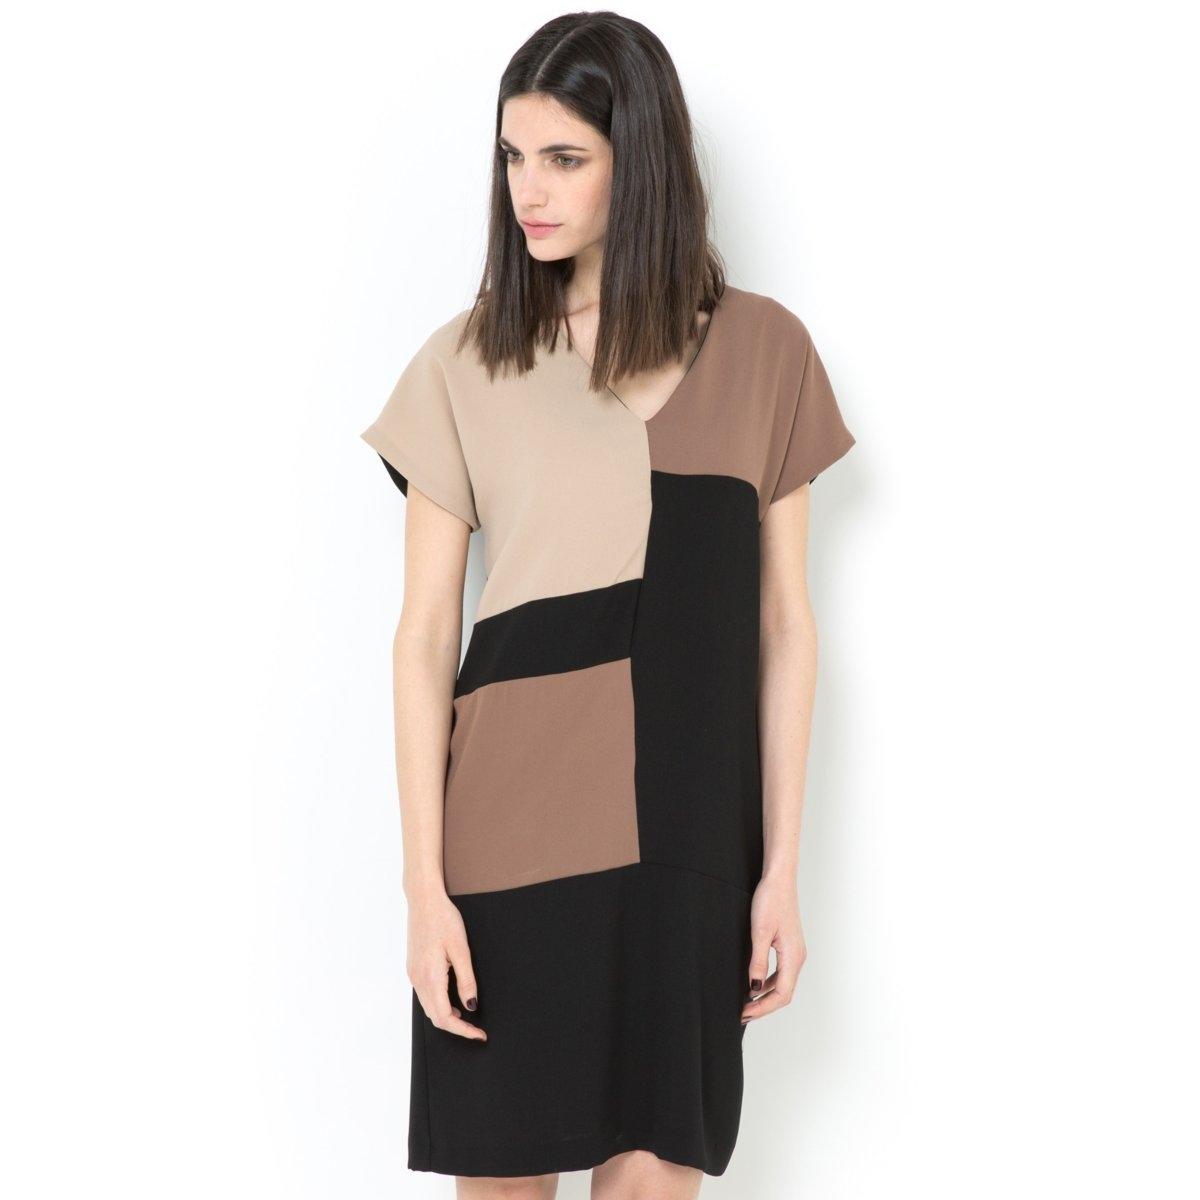 Платье-футляр с короткими рукавамиПлатье-футляр из крепа, 100% полиэстера, на подкладке из 100% полиэстера. Графичный рисунок. Короткие рукава. V-образный вырез. Длина 92 см.<br><br>Цвет: разноцветный<br>Размер: 36 (FR) - 42 (RUS)